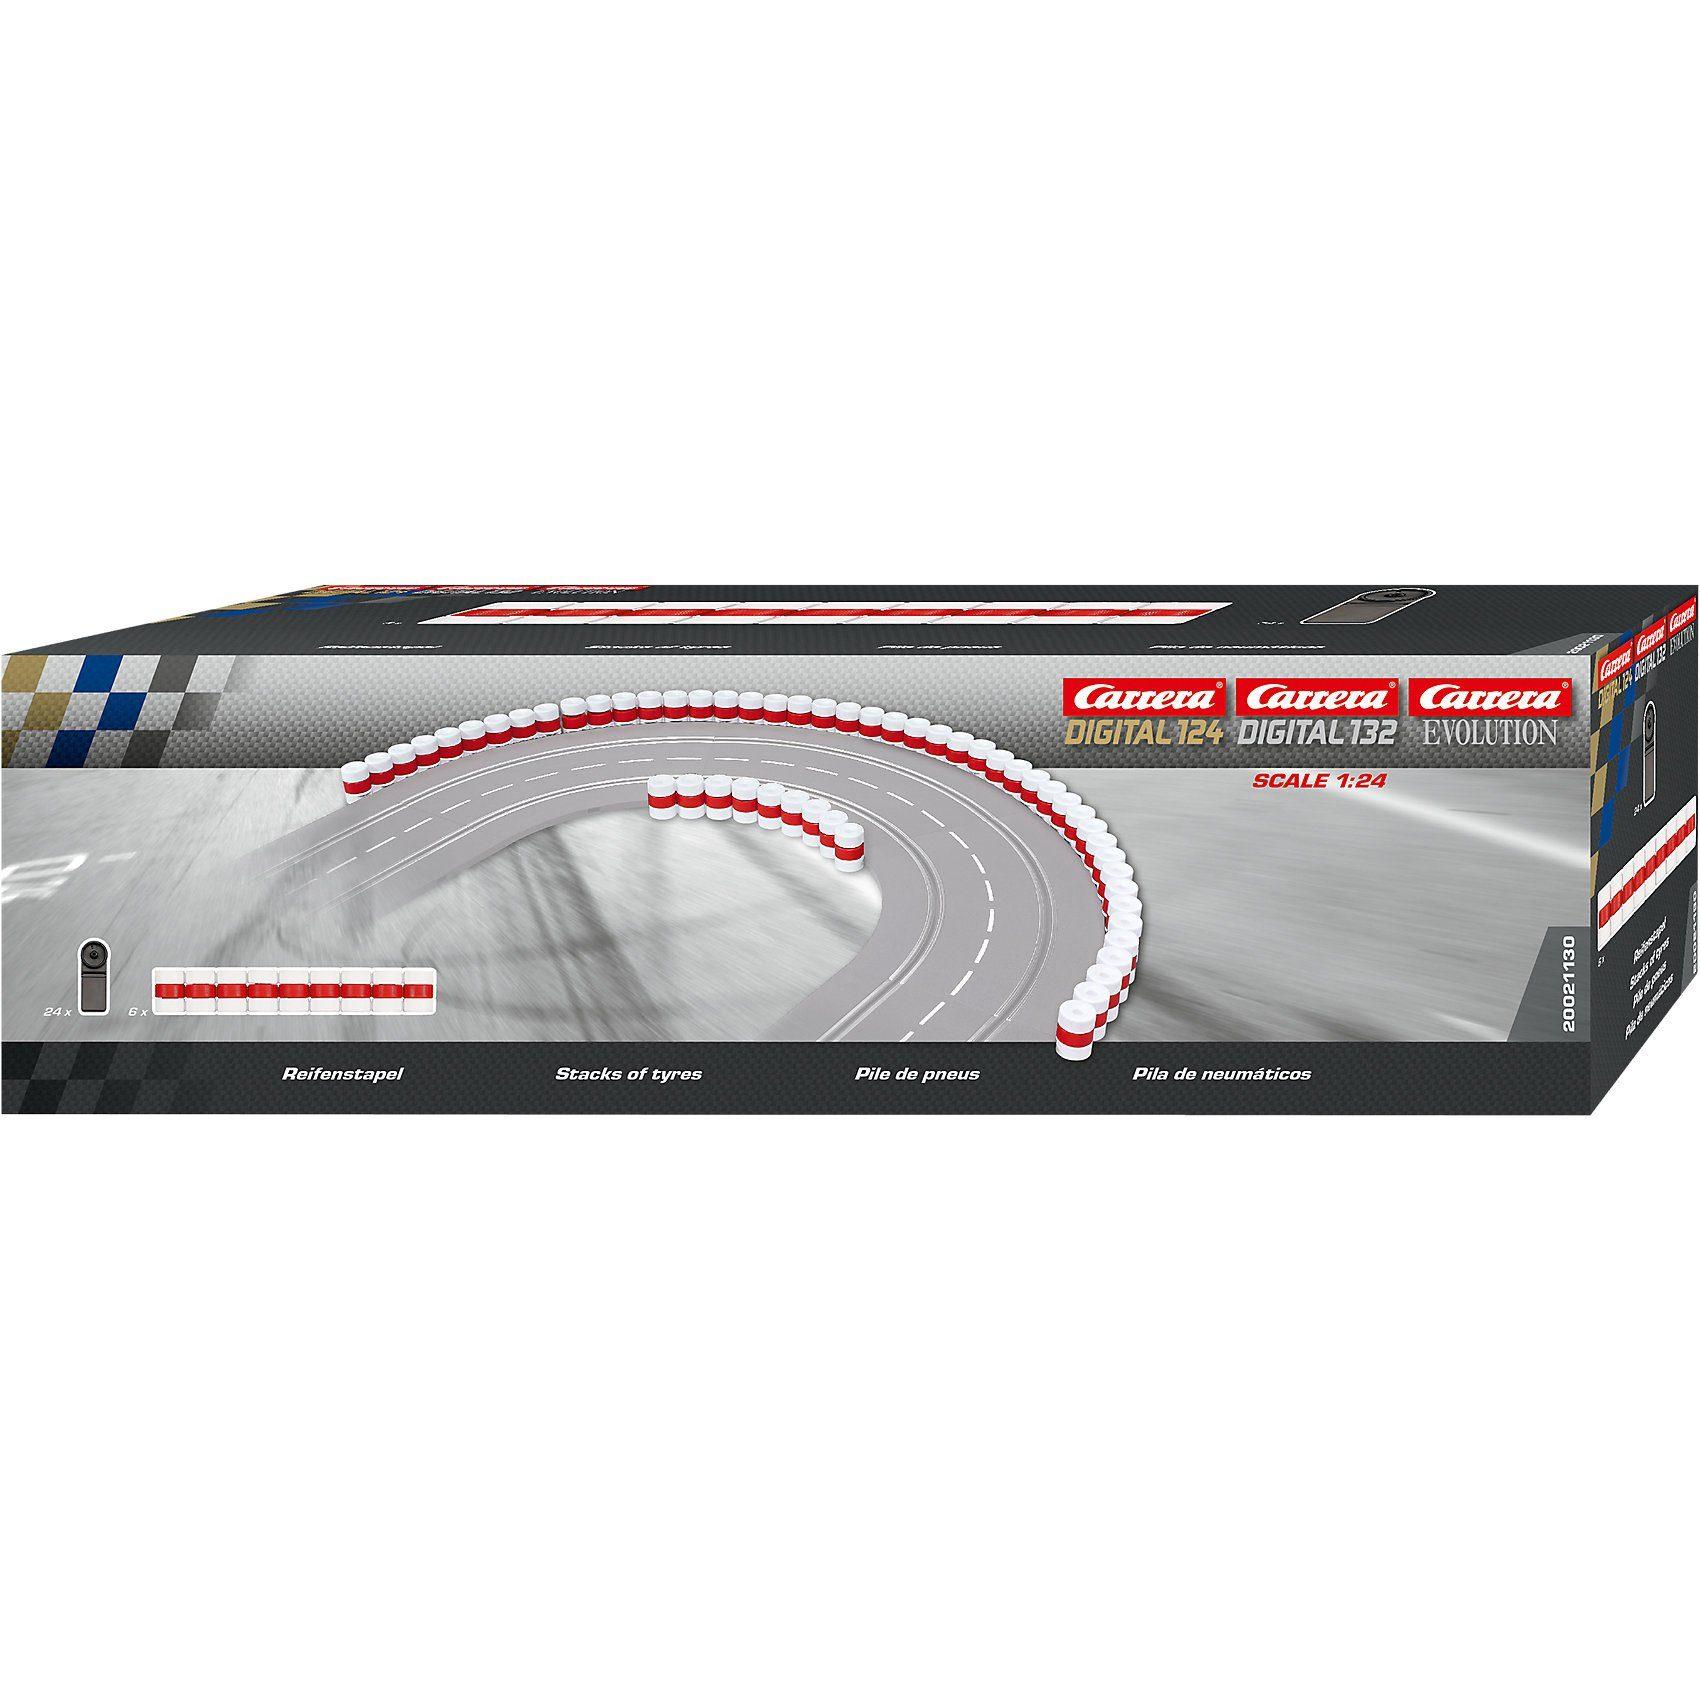 Carrera® Digital 132/124/Evolution 21130 - Reifenstapel